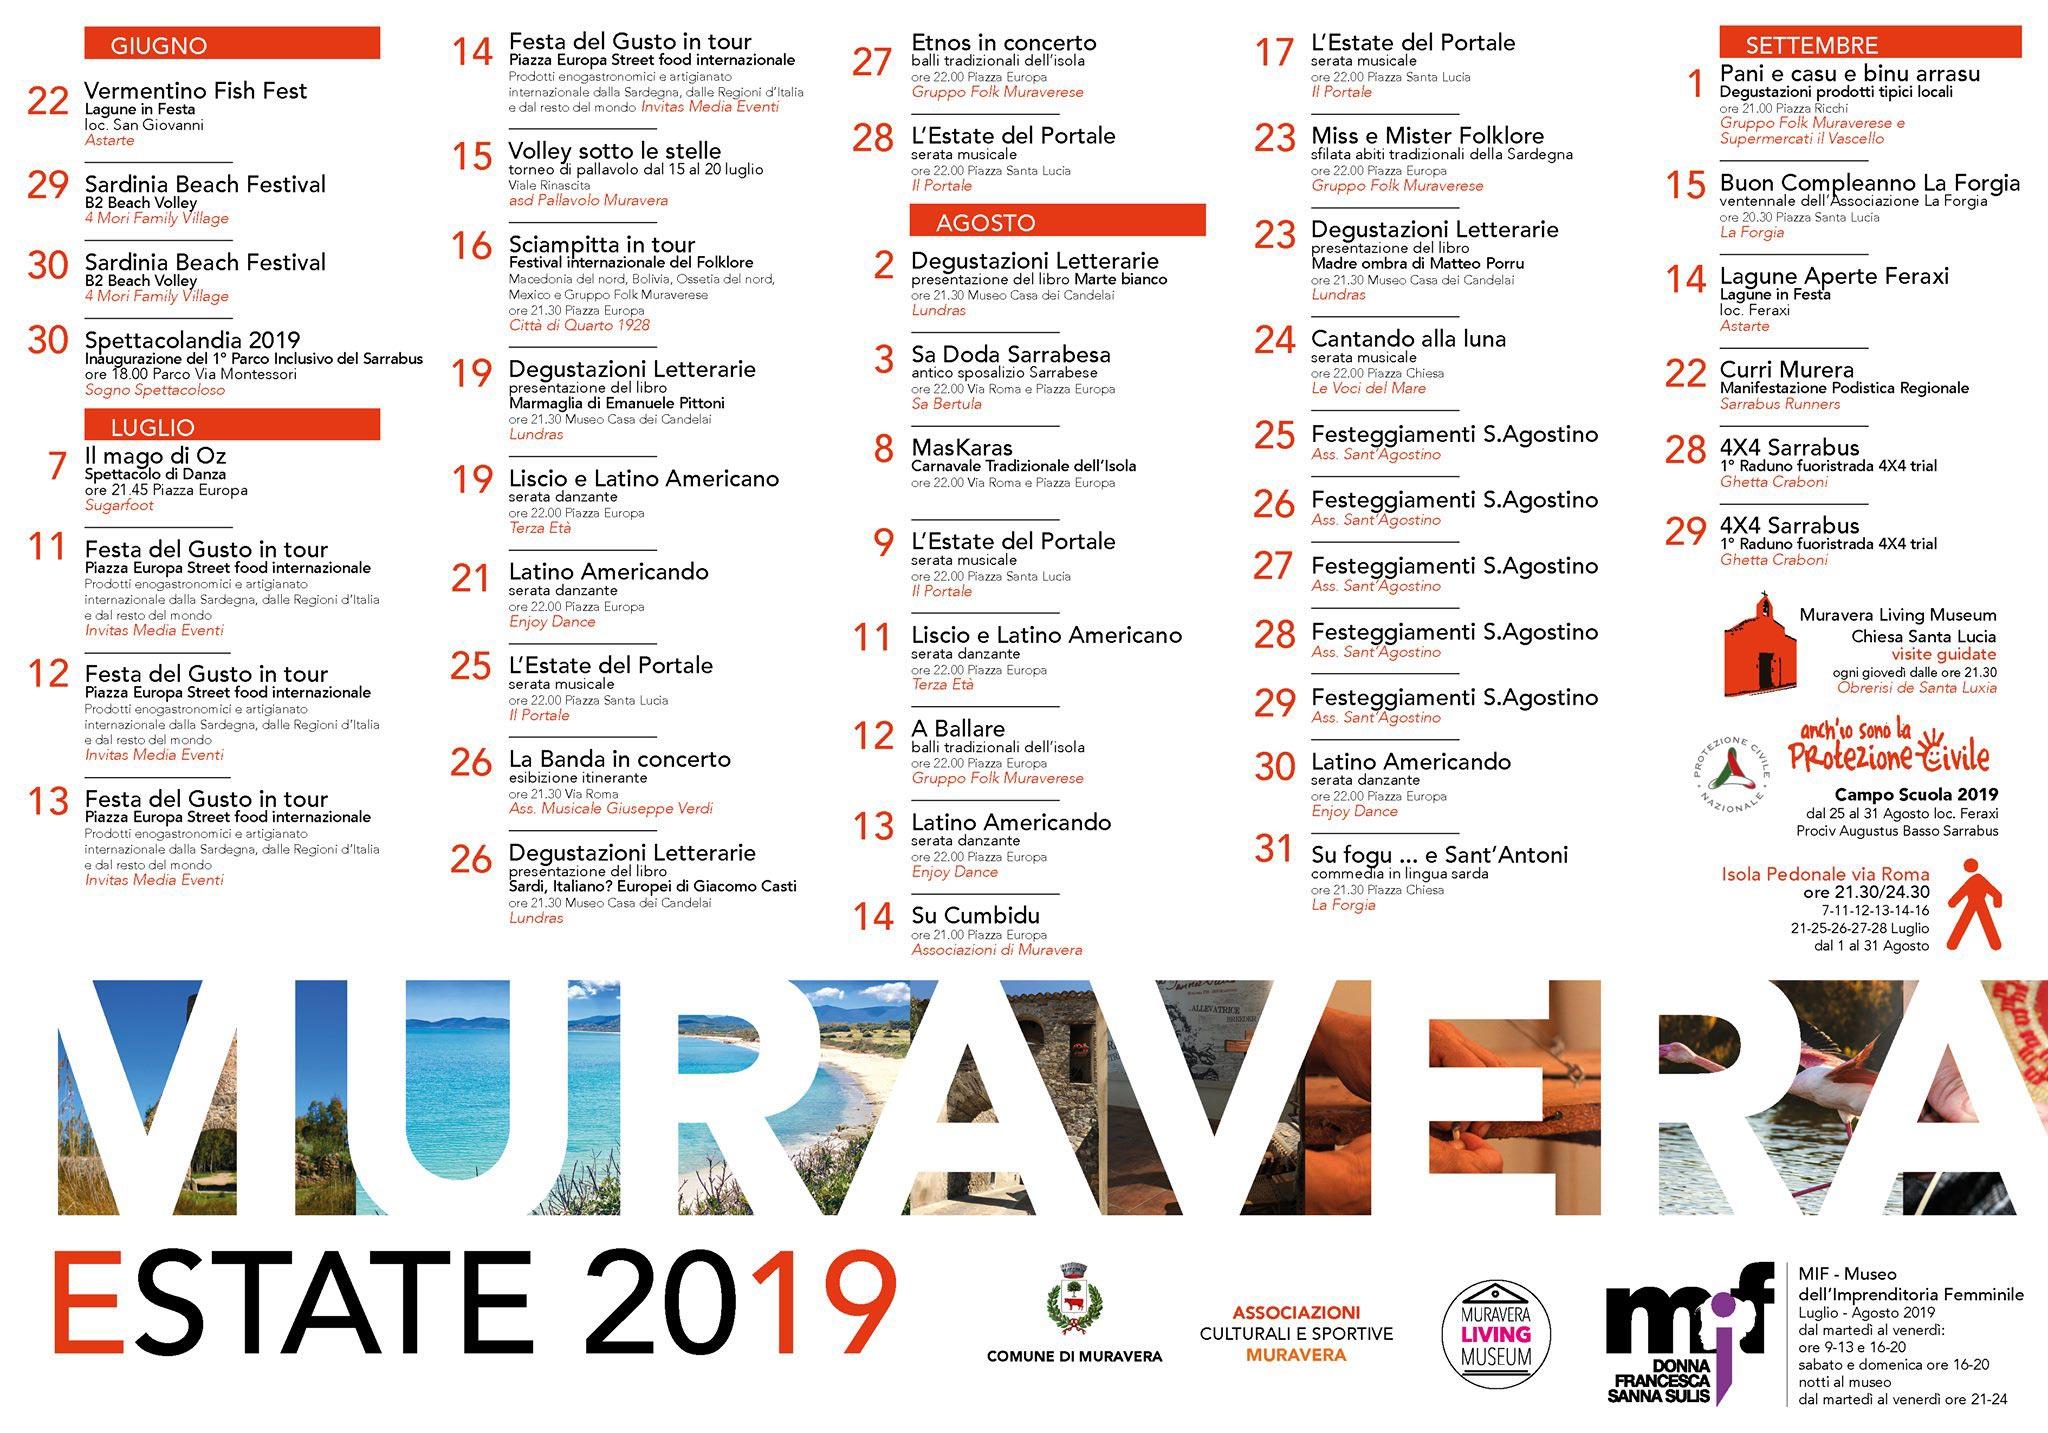 programma_eventi_estate_2019_muravera